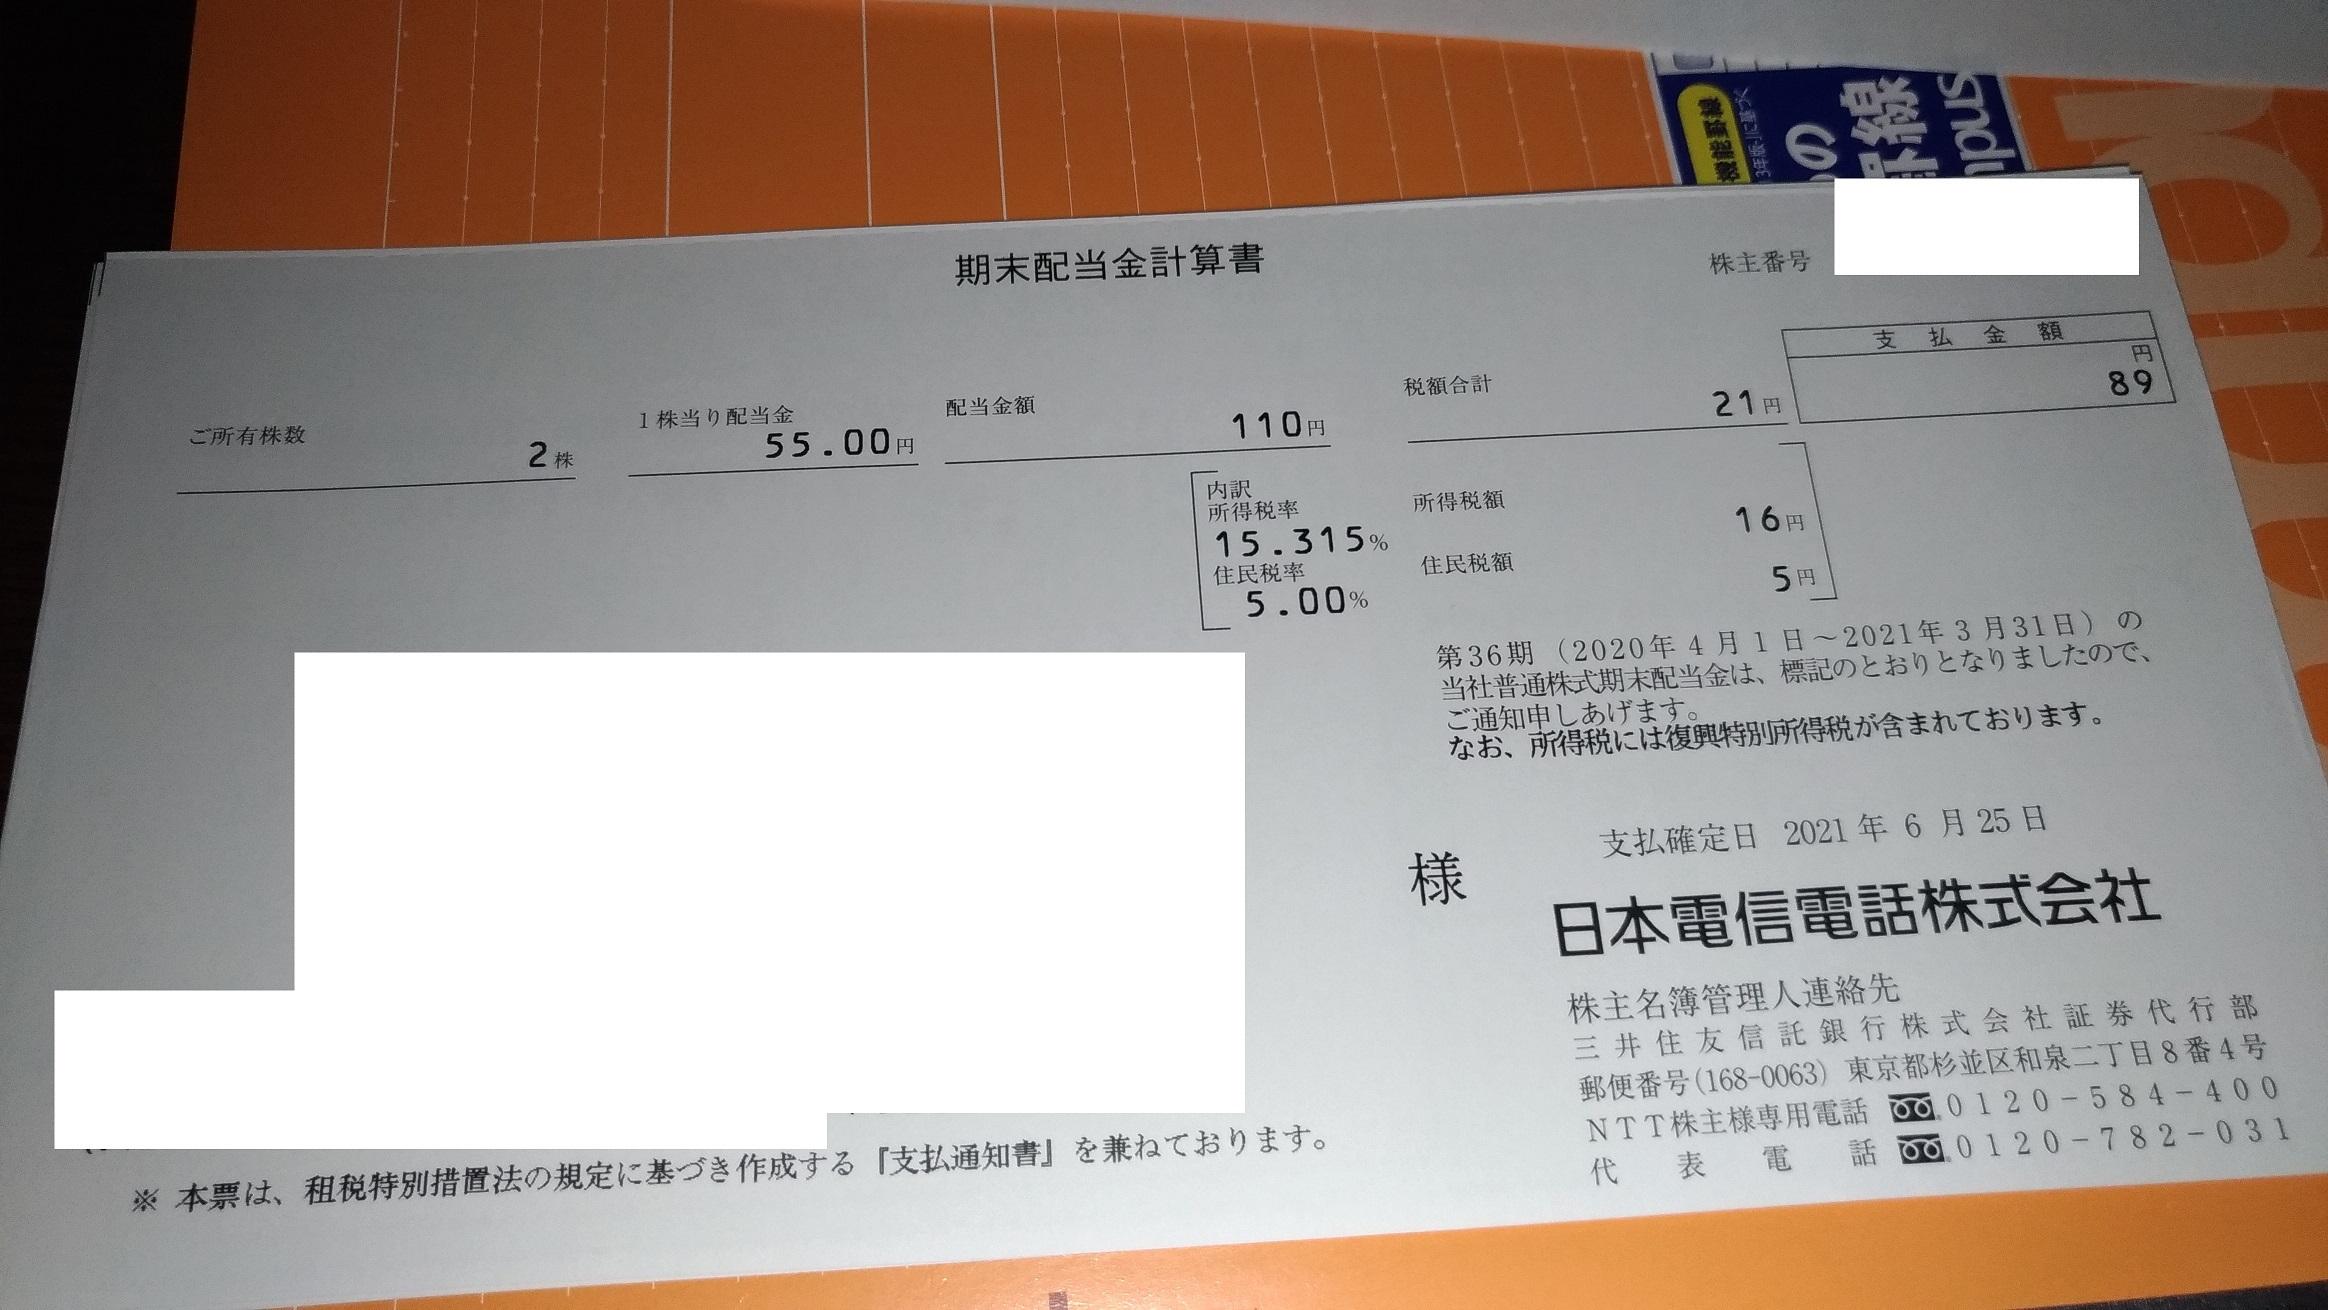 ntt_haito_kabu_0626_.jpg